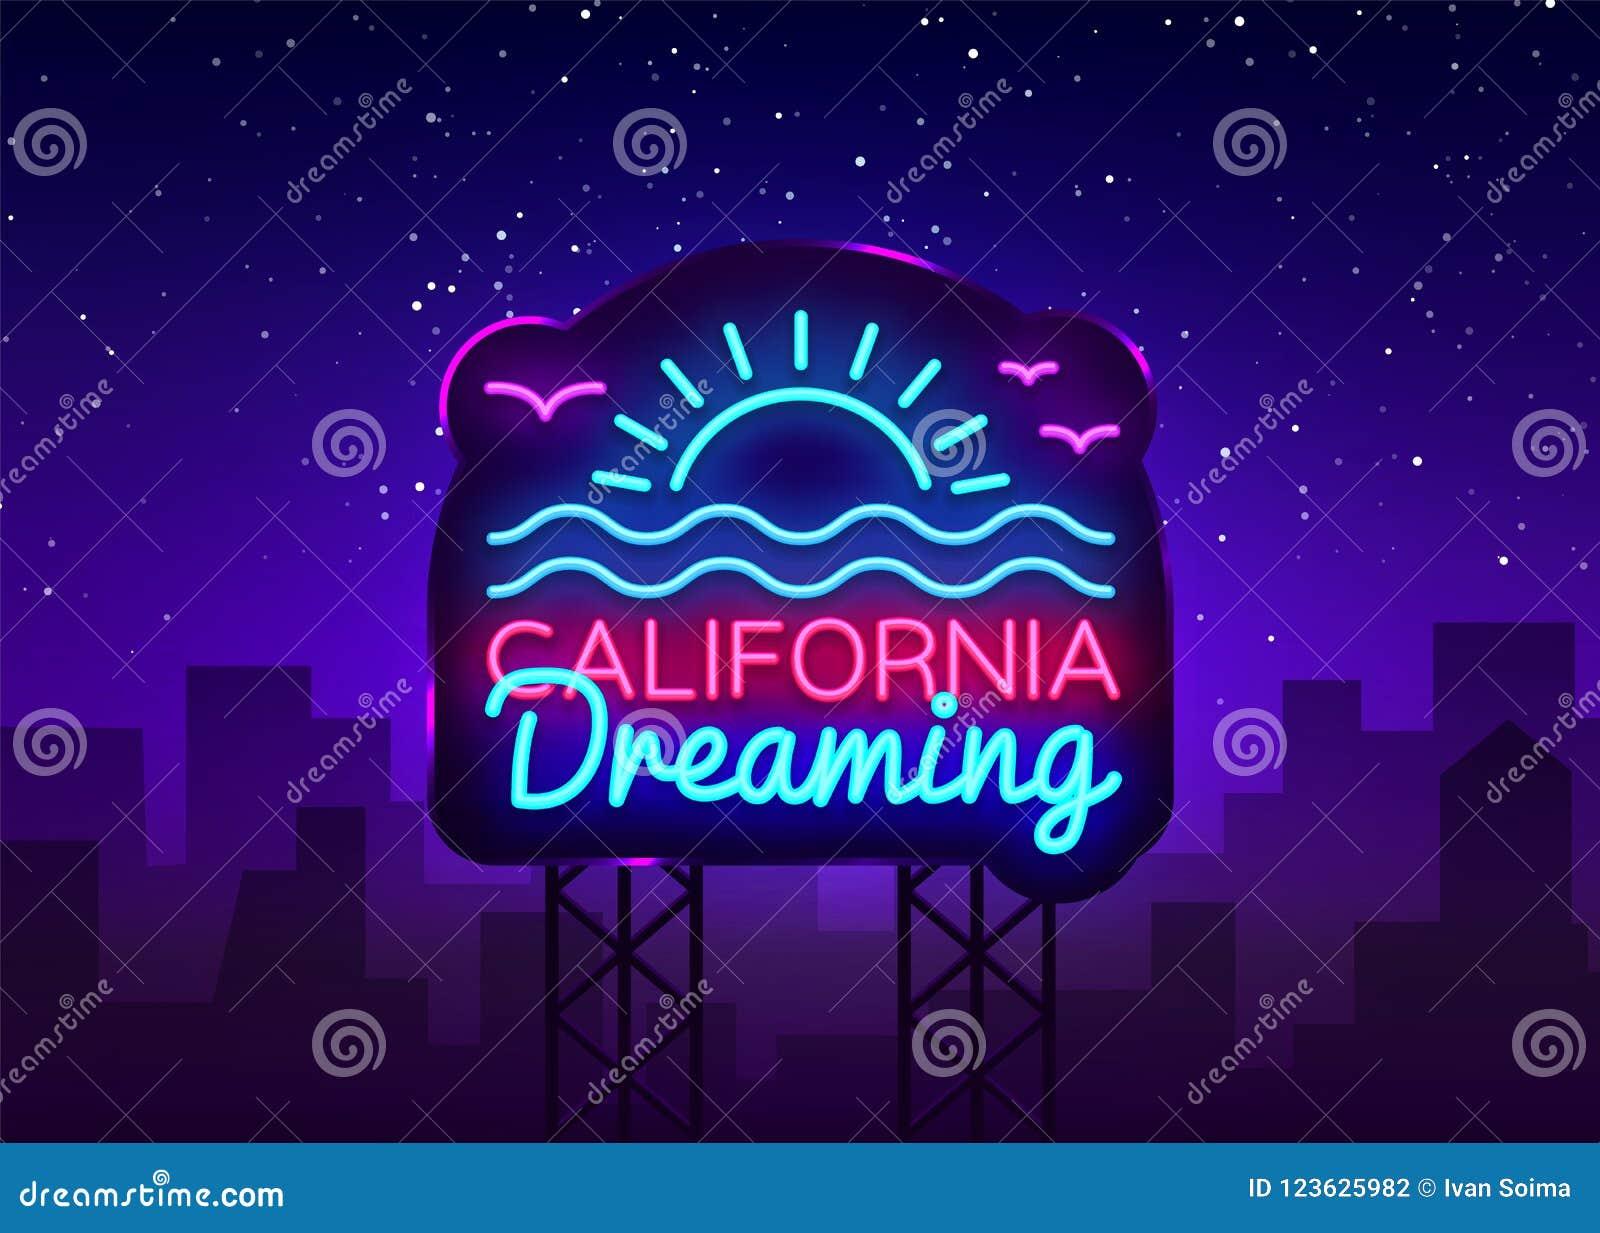 California Neon Sign Vector  California Dreaming Design